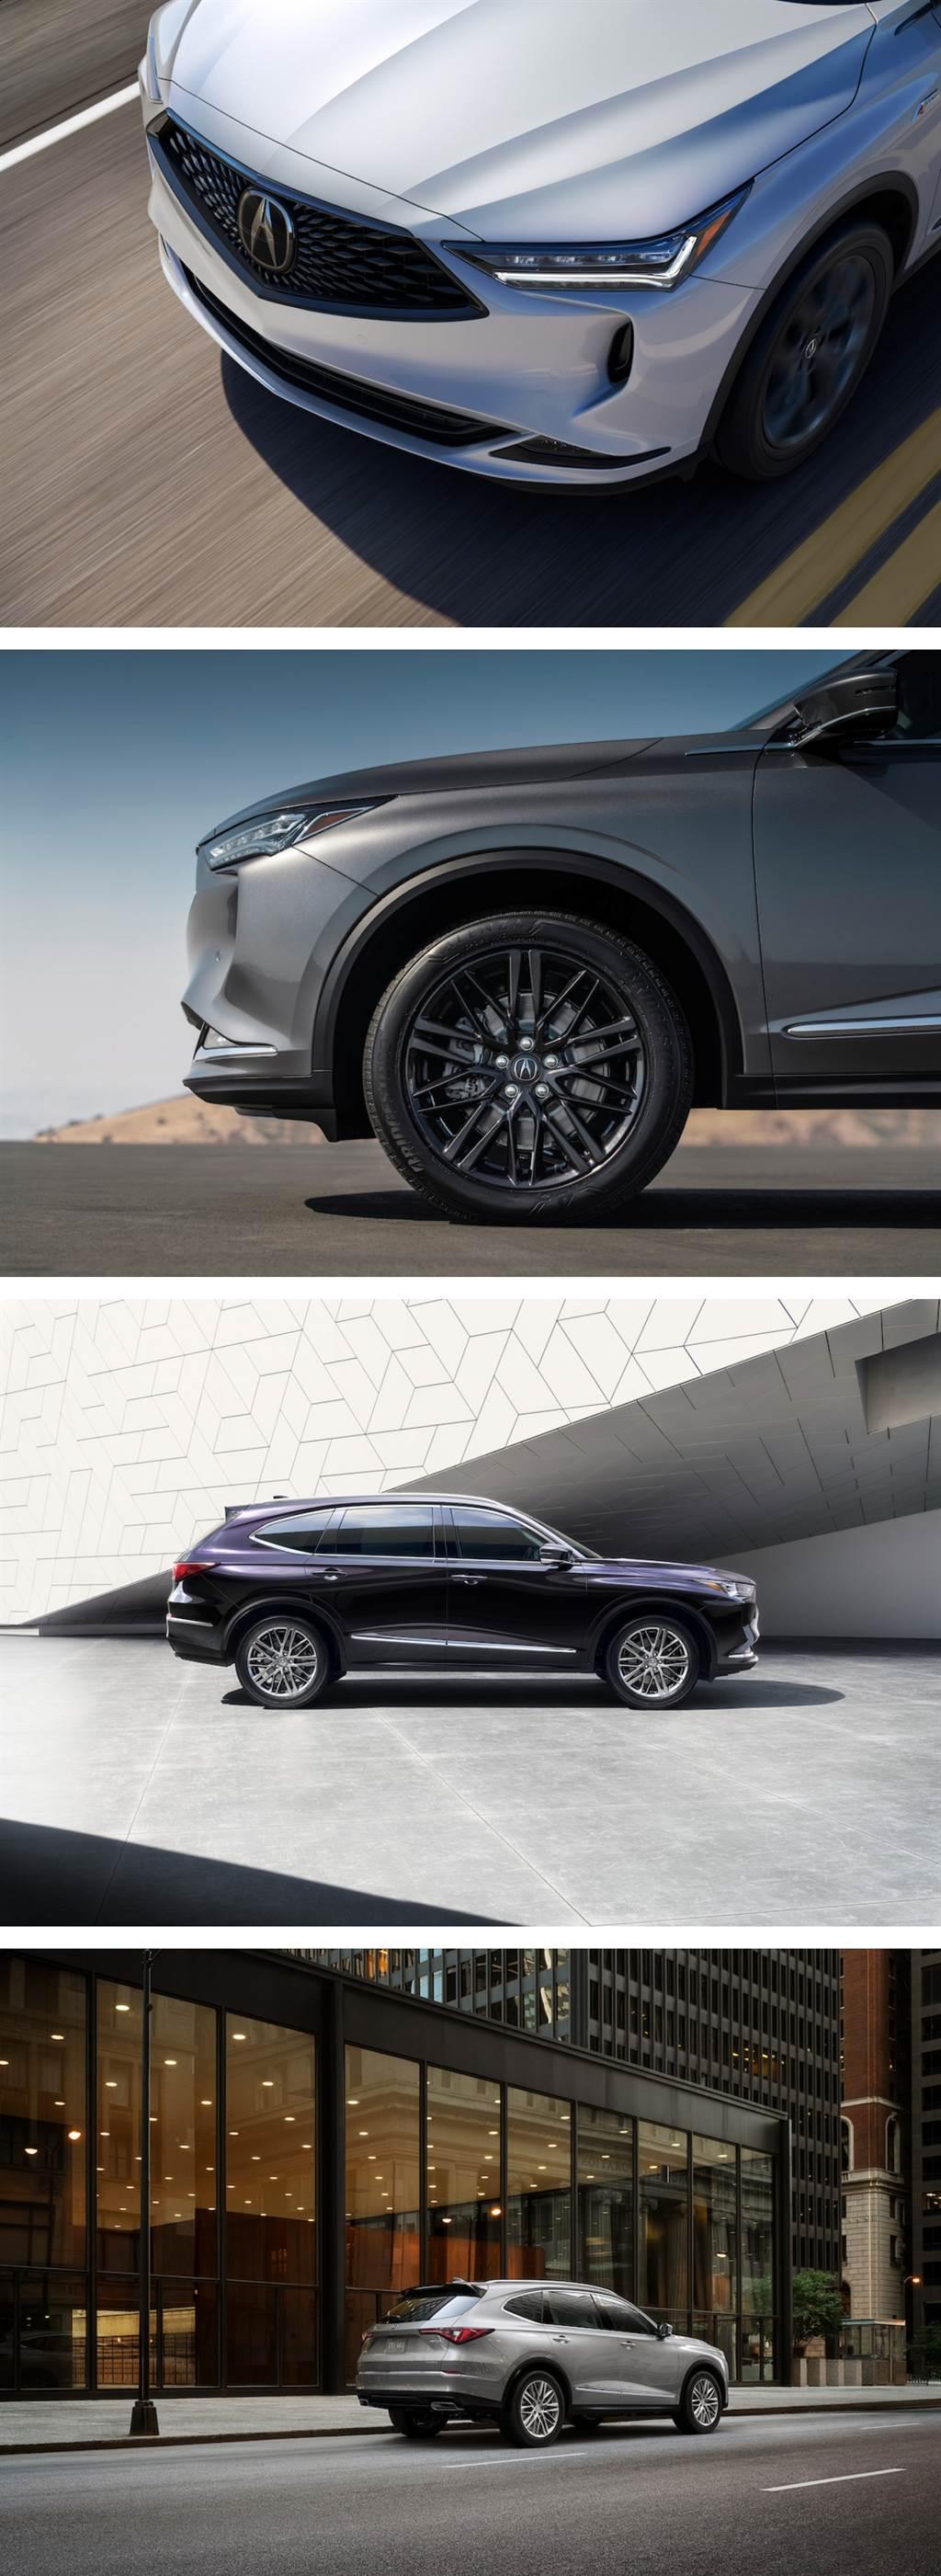 新增Type S車型,第四代 ACURA MDX 將成為品牌運動級 SUV 旗艦代表